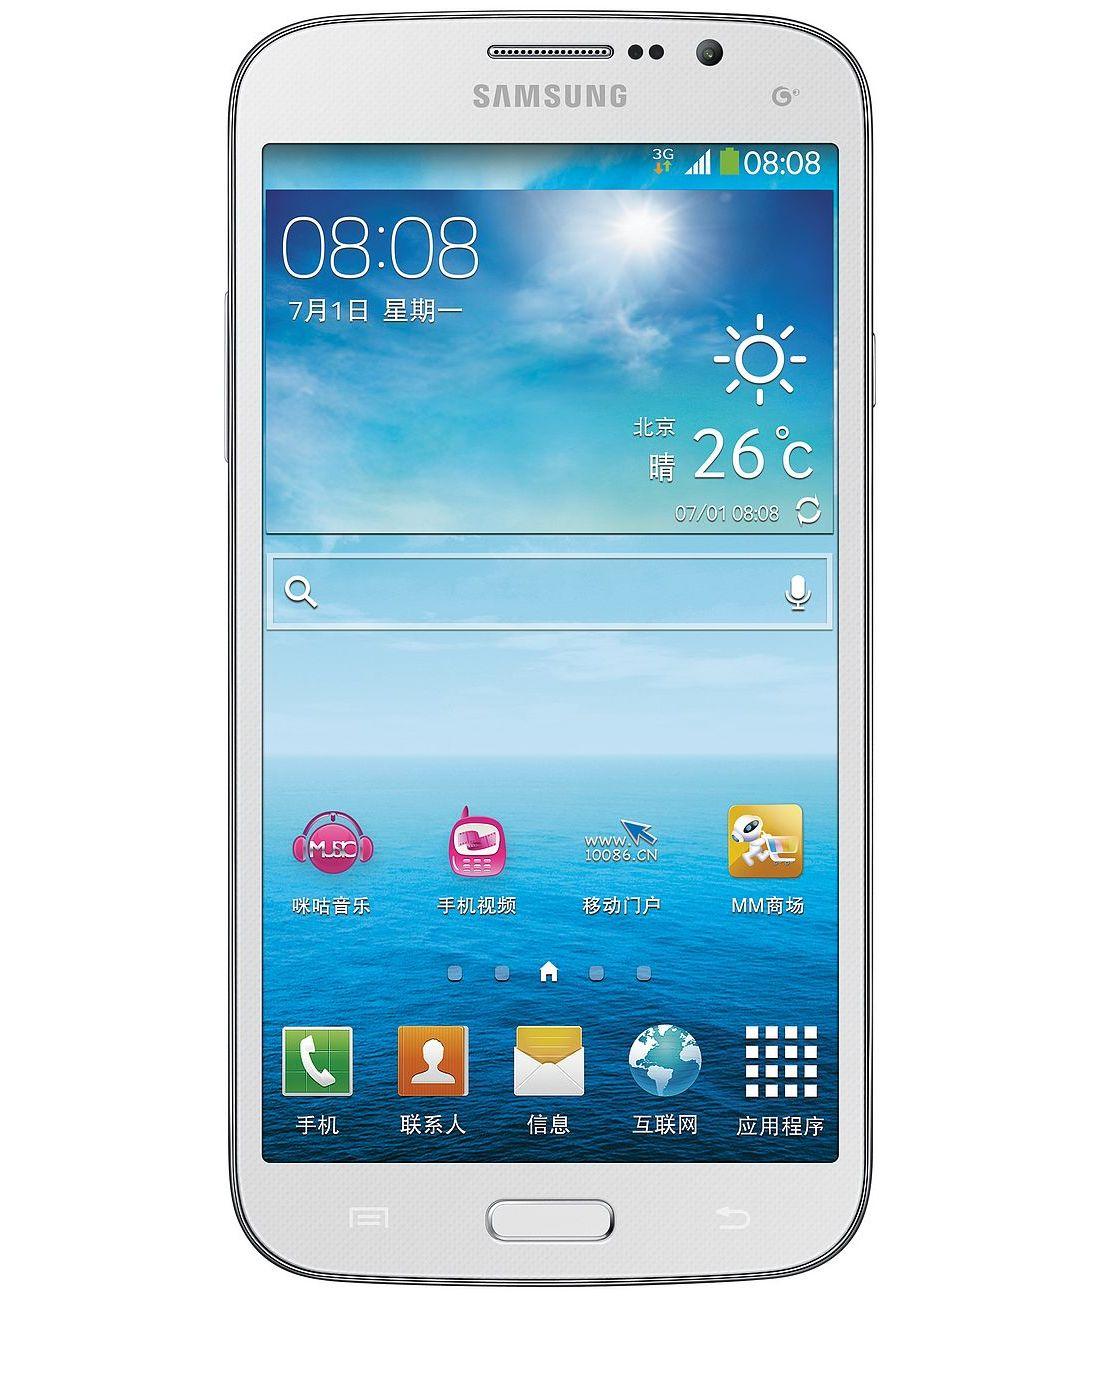 日本堹i?K??K?>???i?_i9158 3g手机(白)td-scdma/gsm移动版